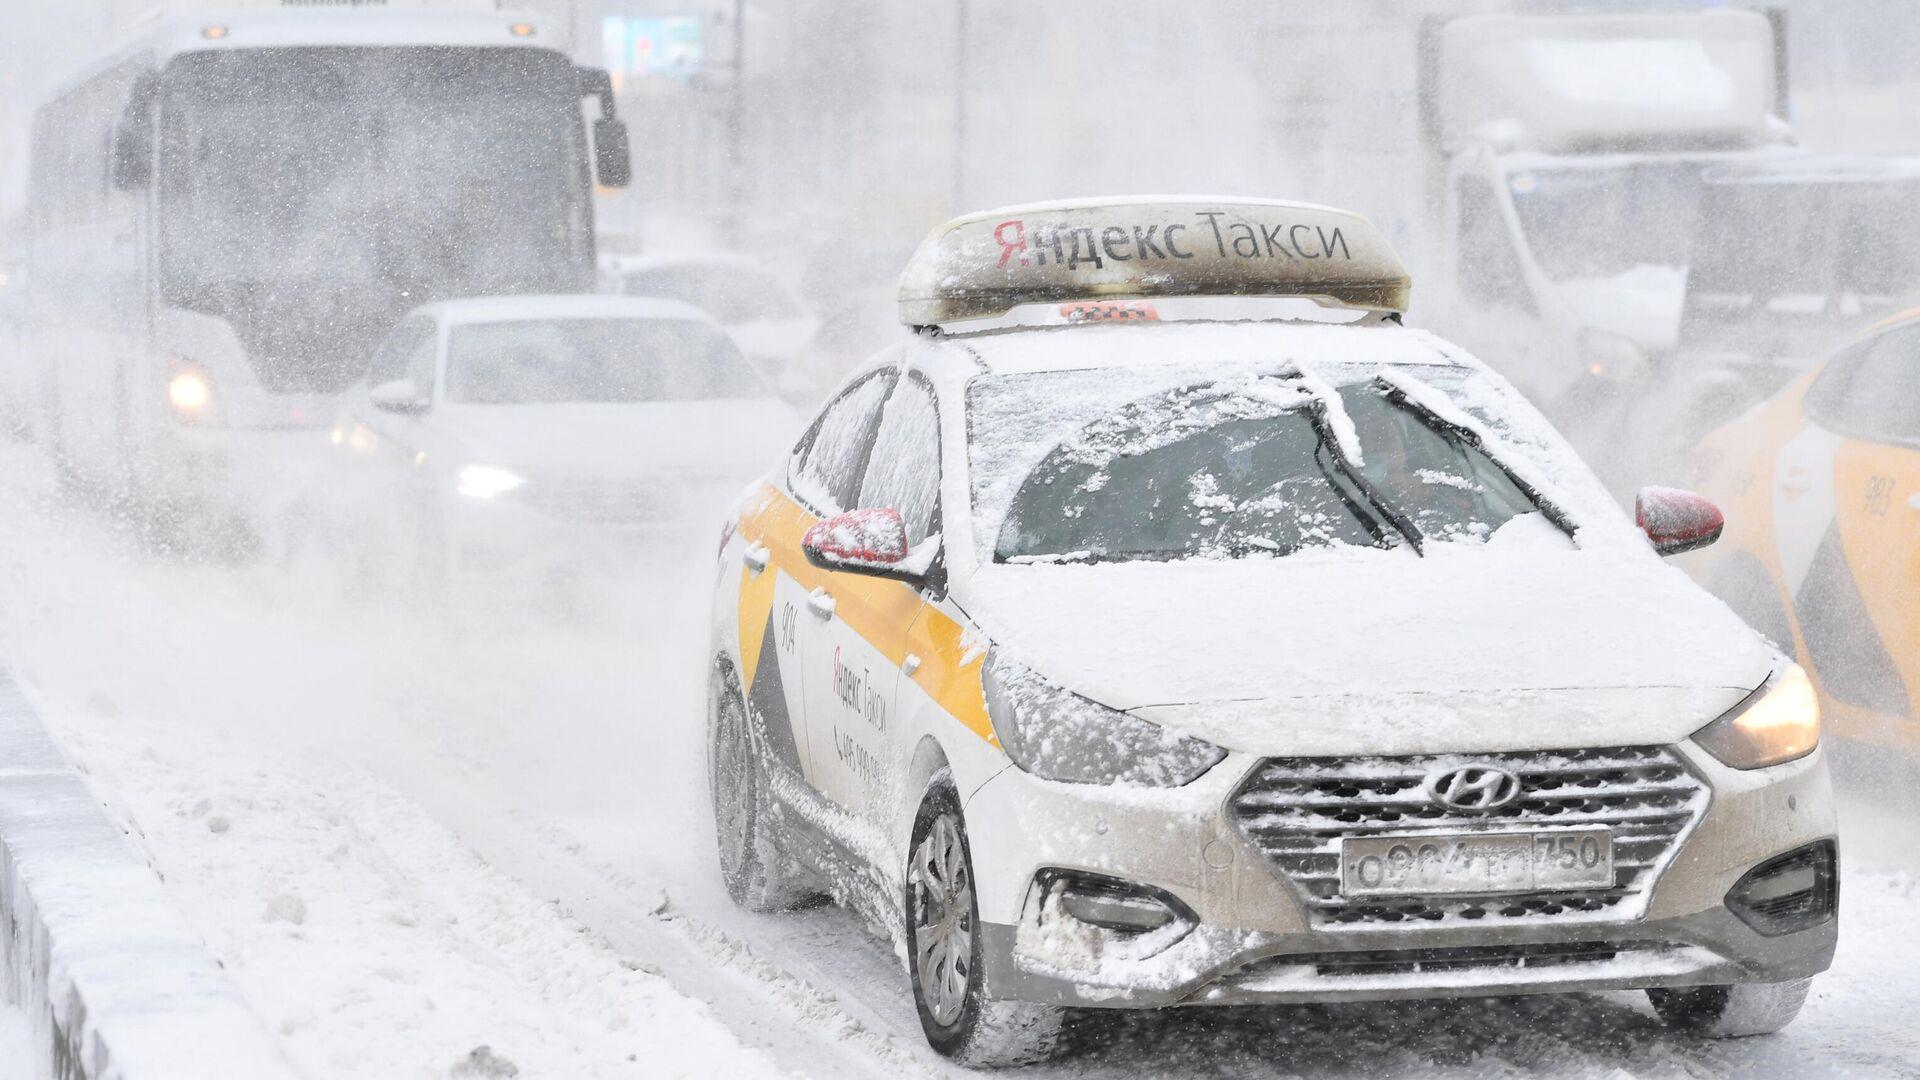 Автомобильное движение по Крымскому мосту во время снегопада в Москве - РИА Новости, 1920, 15.02.2021